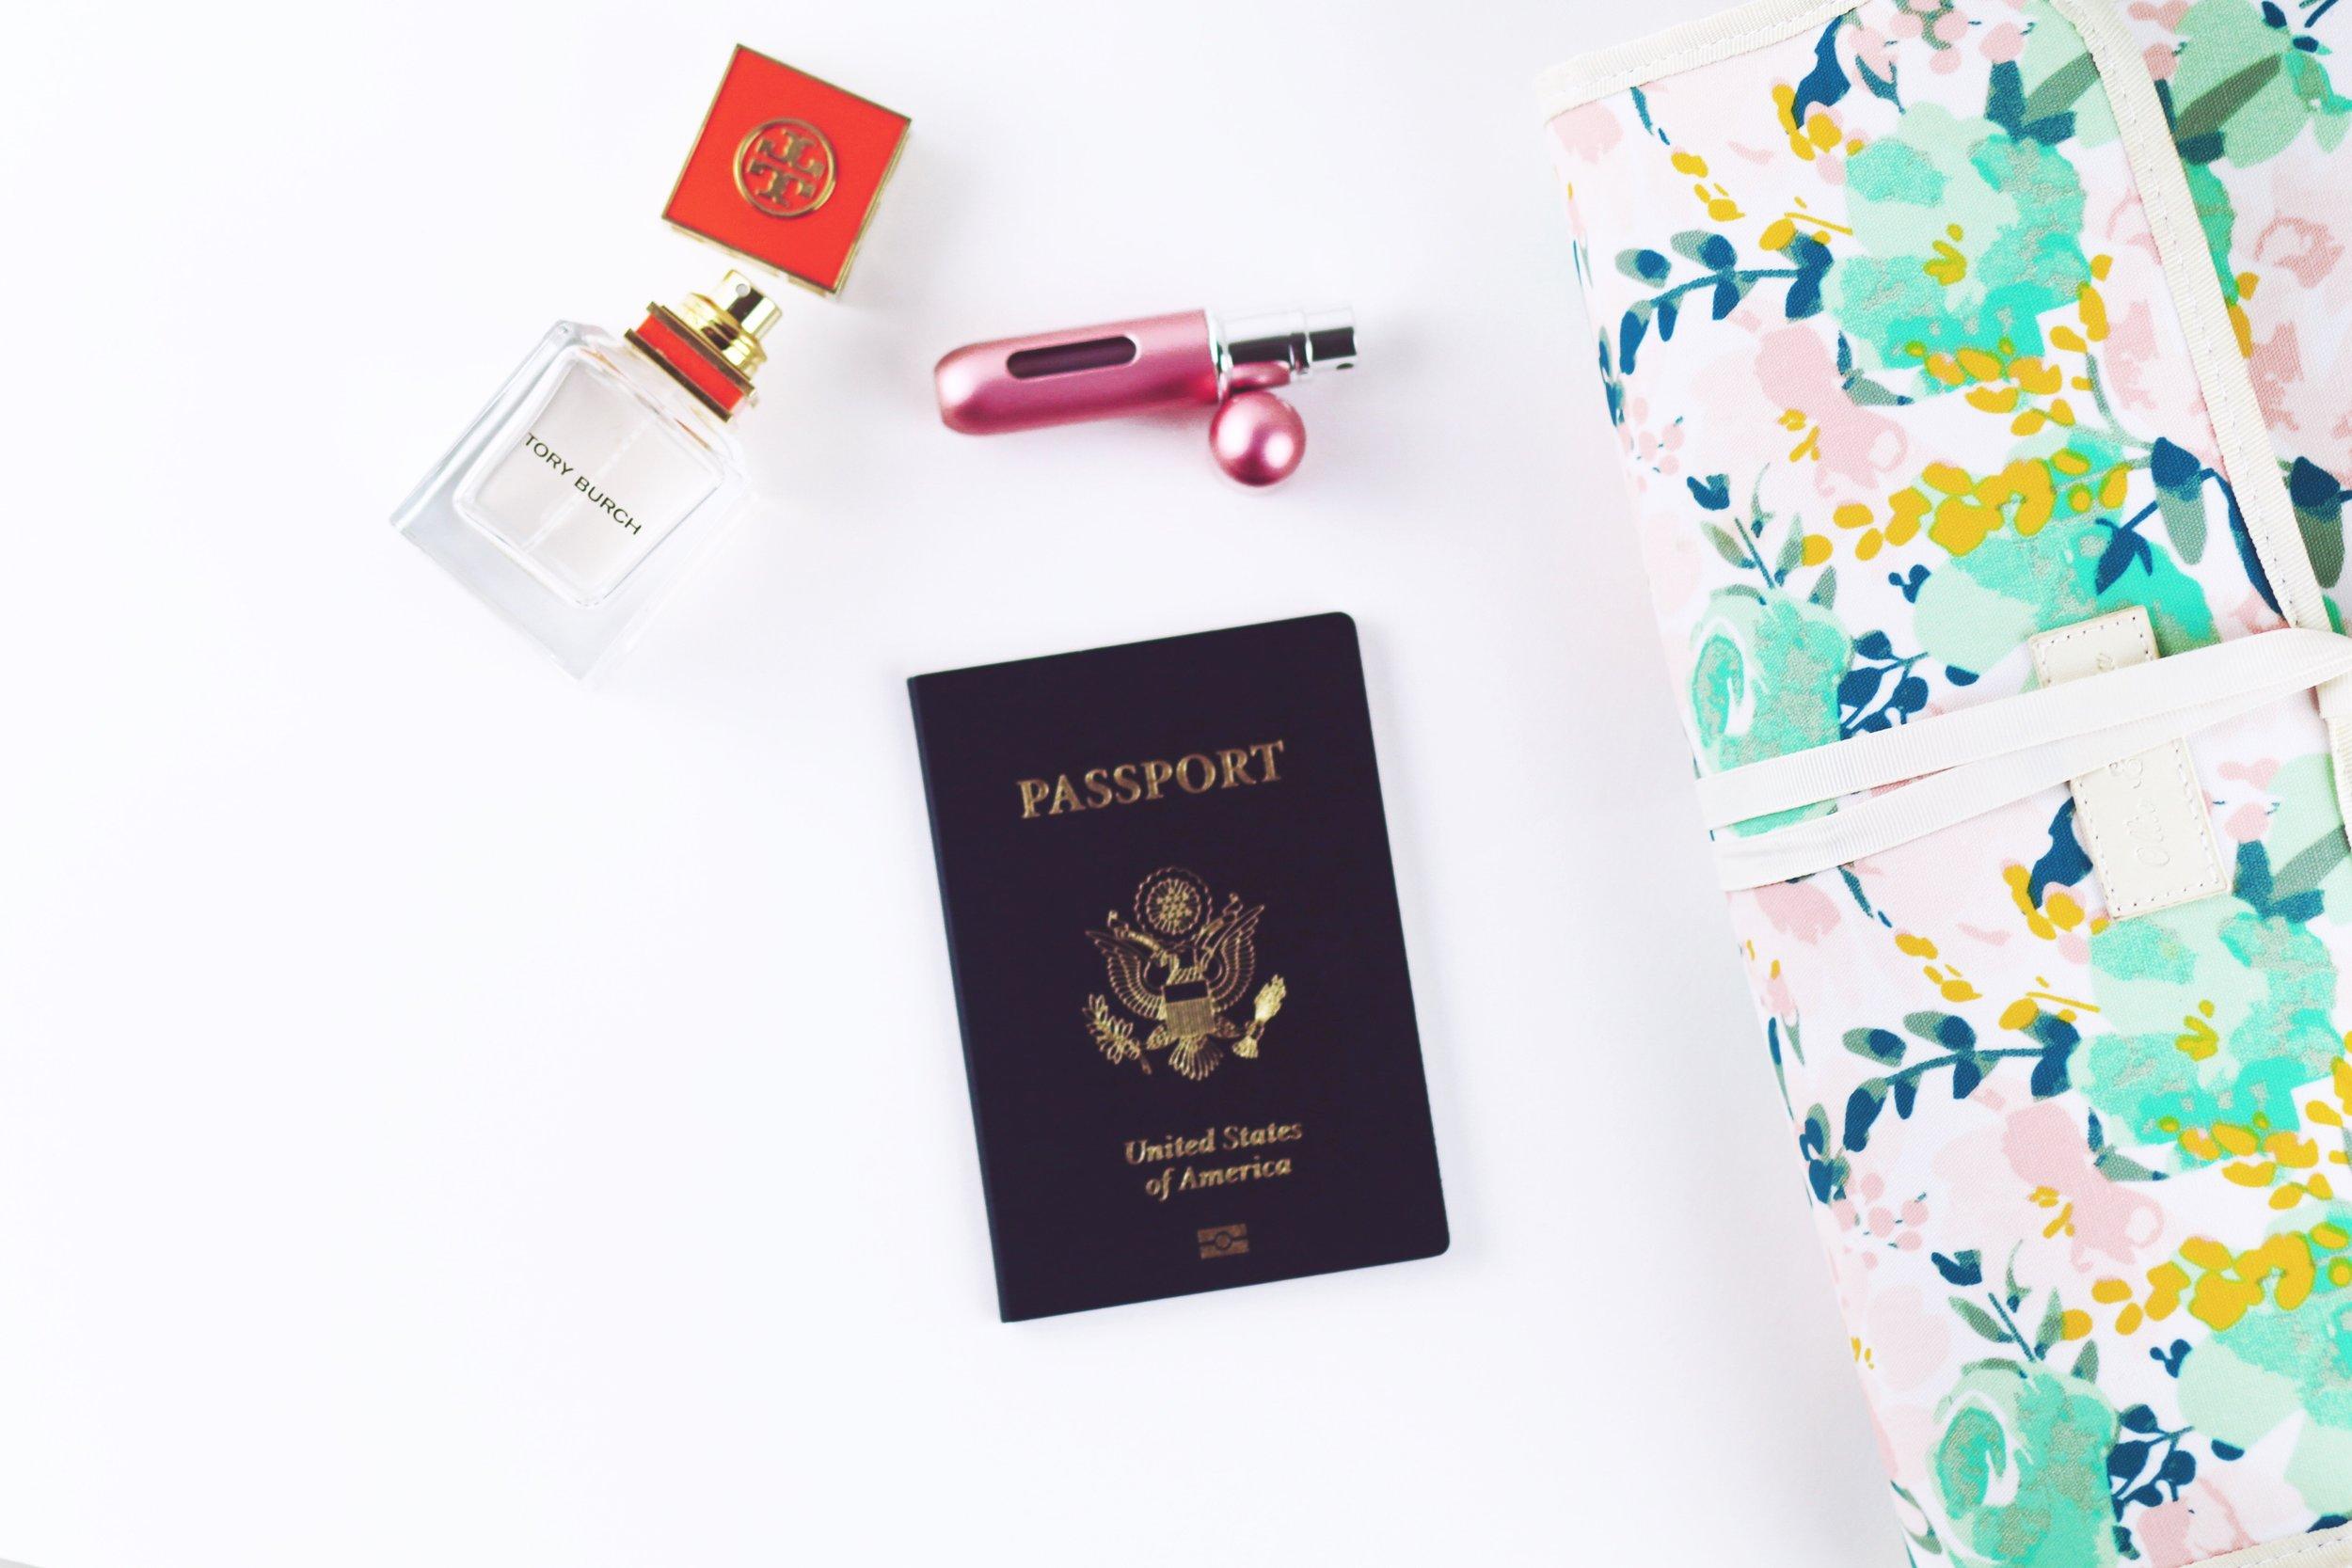 Verifica documentos, tratamientos médicos y seguros de viajes - Contesta las siguientes preguntas: ¿Necesito alguna visa para ese país? ¿Me requieren algún documento especial? ¿Necesito algún tratamiento médico previo para visitar ese país? ¿Qué medicinas debo llevar por si acaso? ¿Cuáles seguros médicos puedo comprar para ese destino?